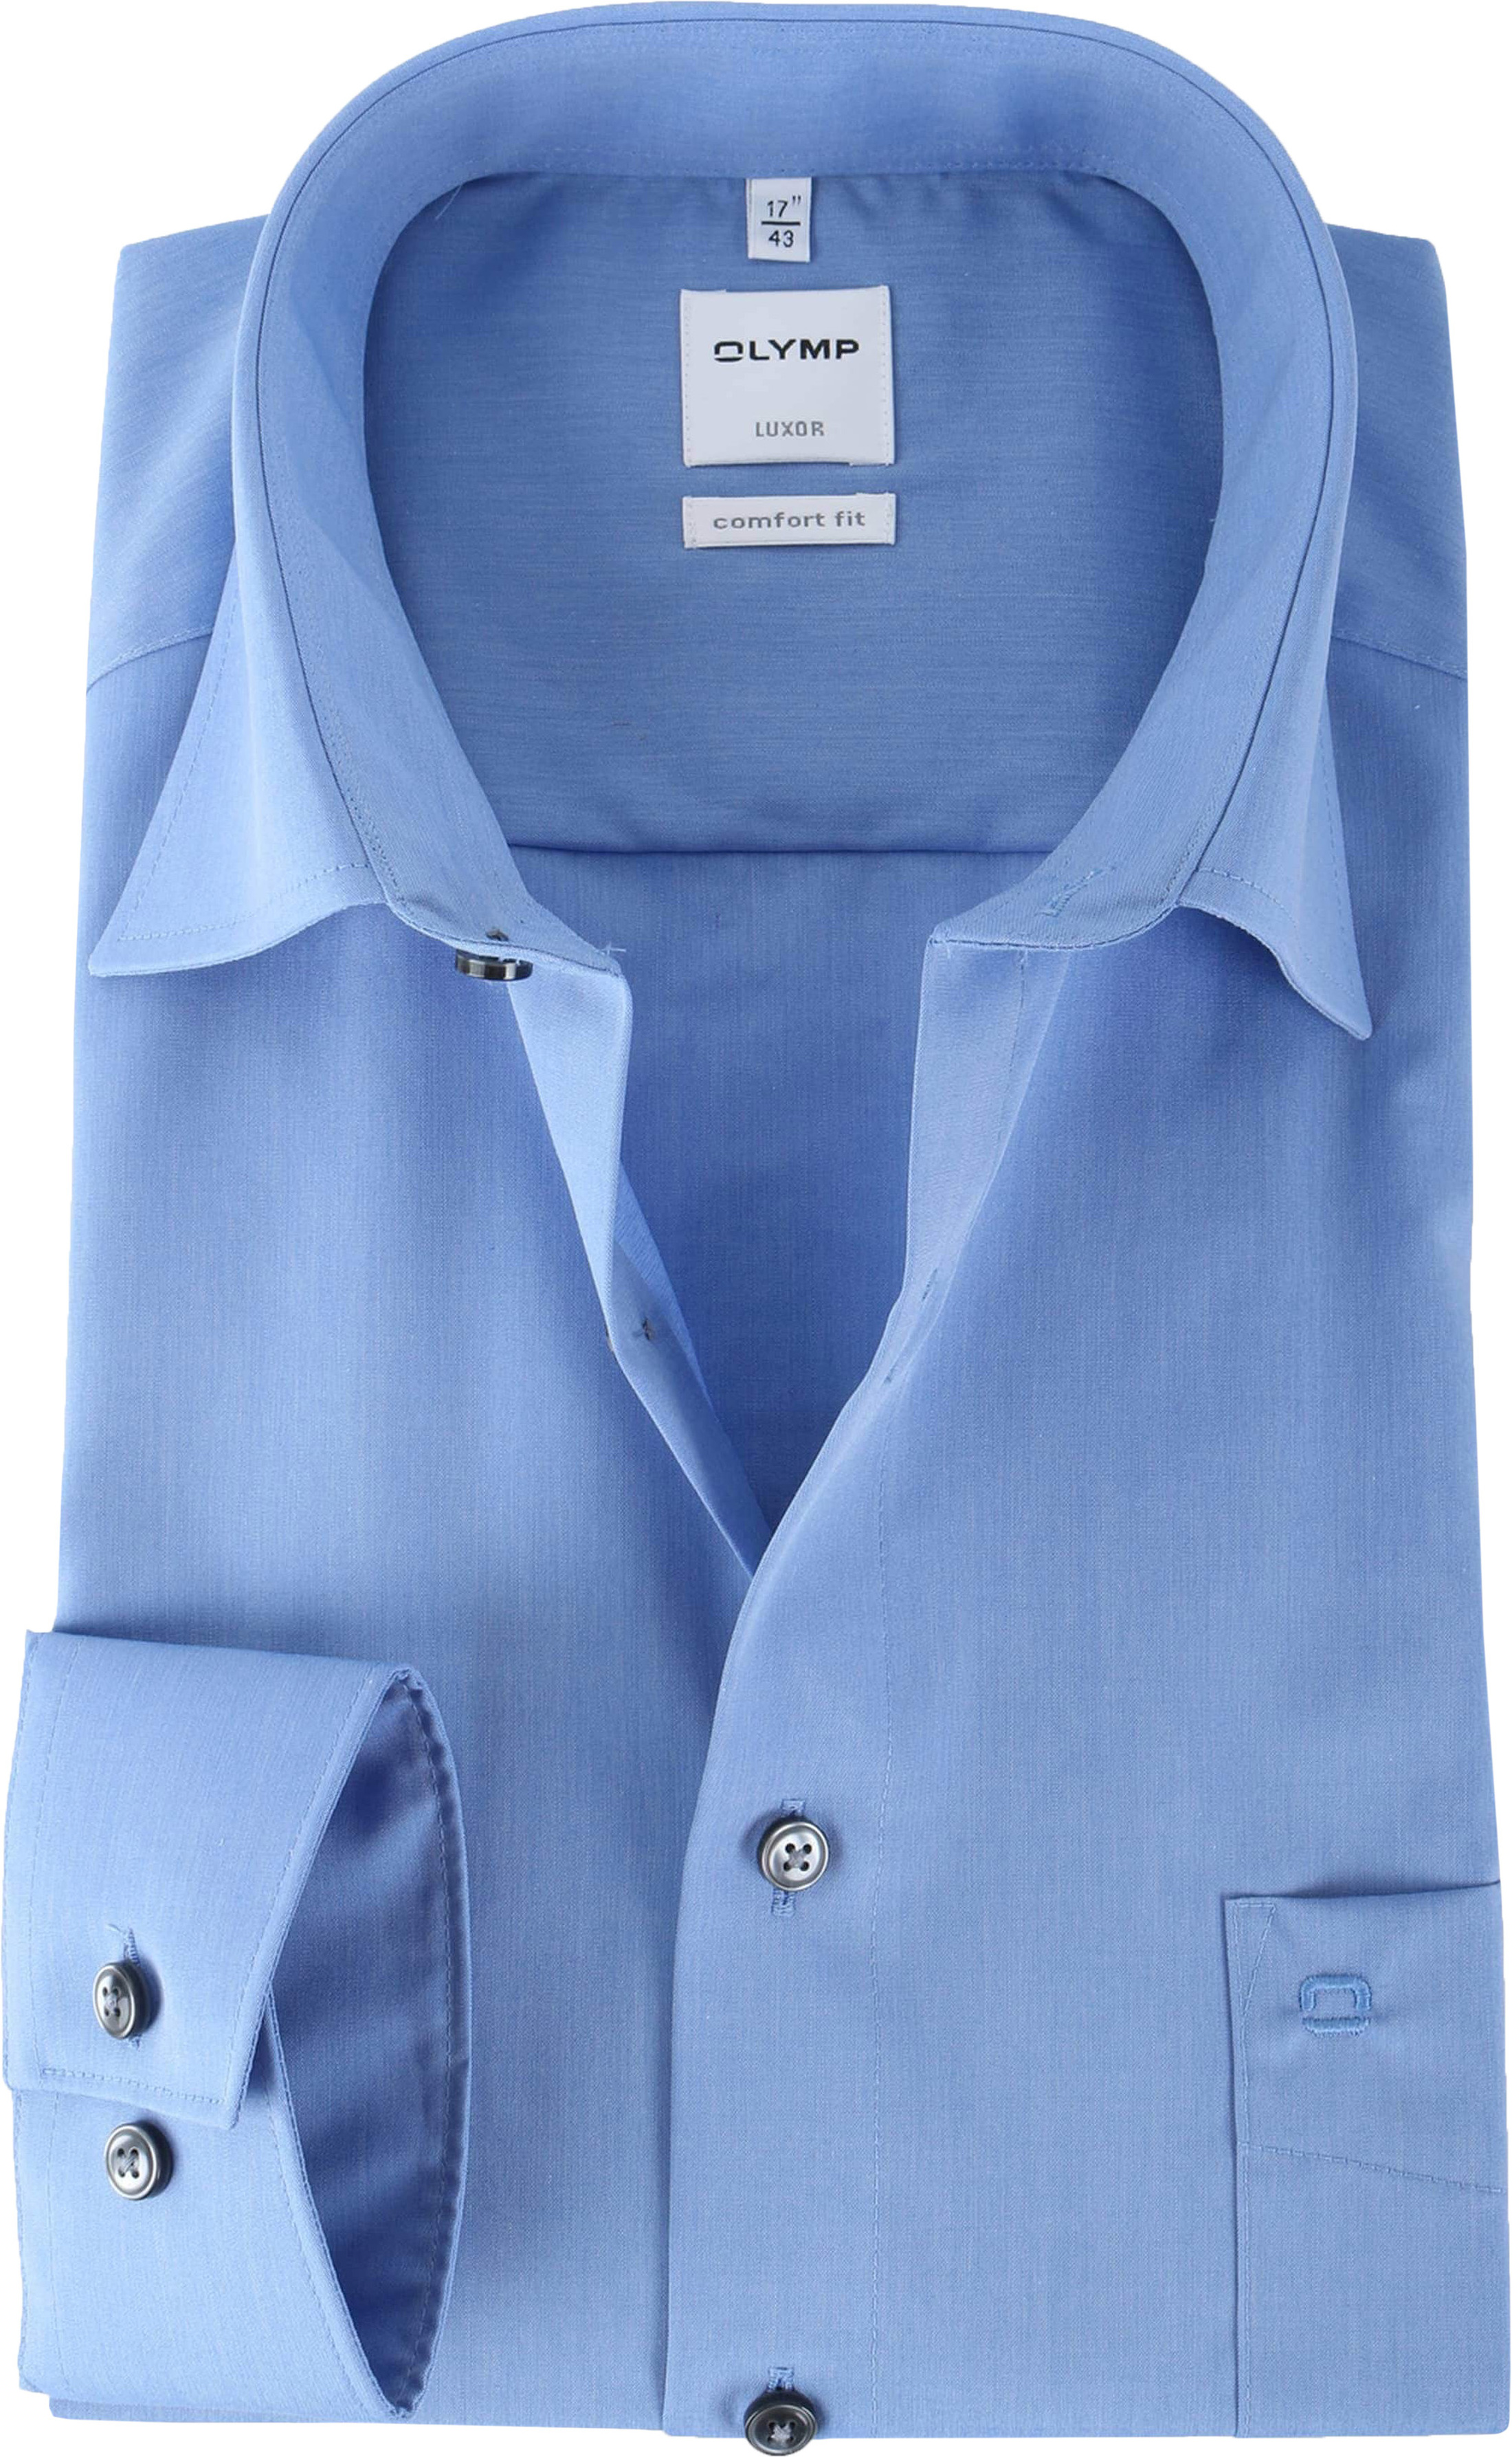 OLYMP Luxor Shirt Blauw Comfort Fit Lange Mouw foto 0